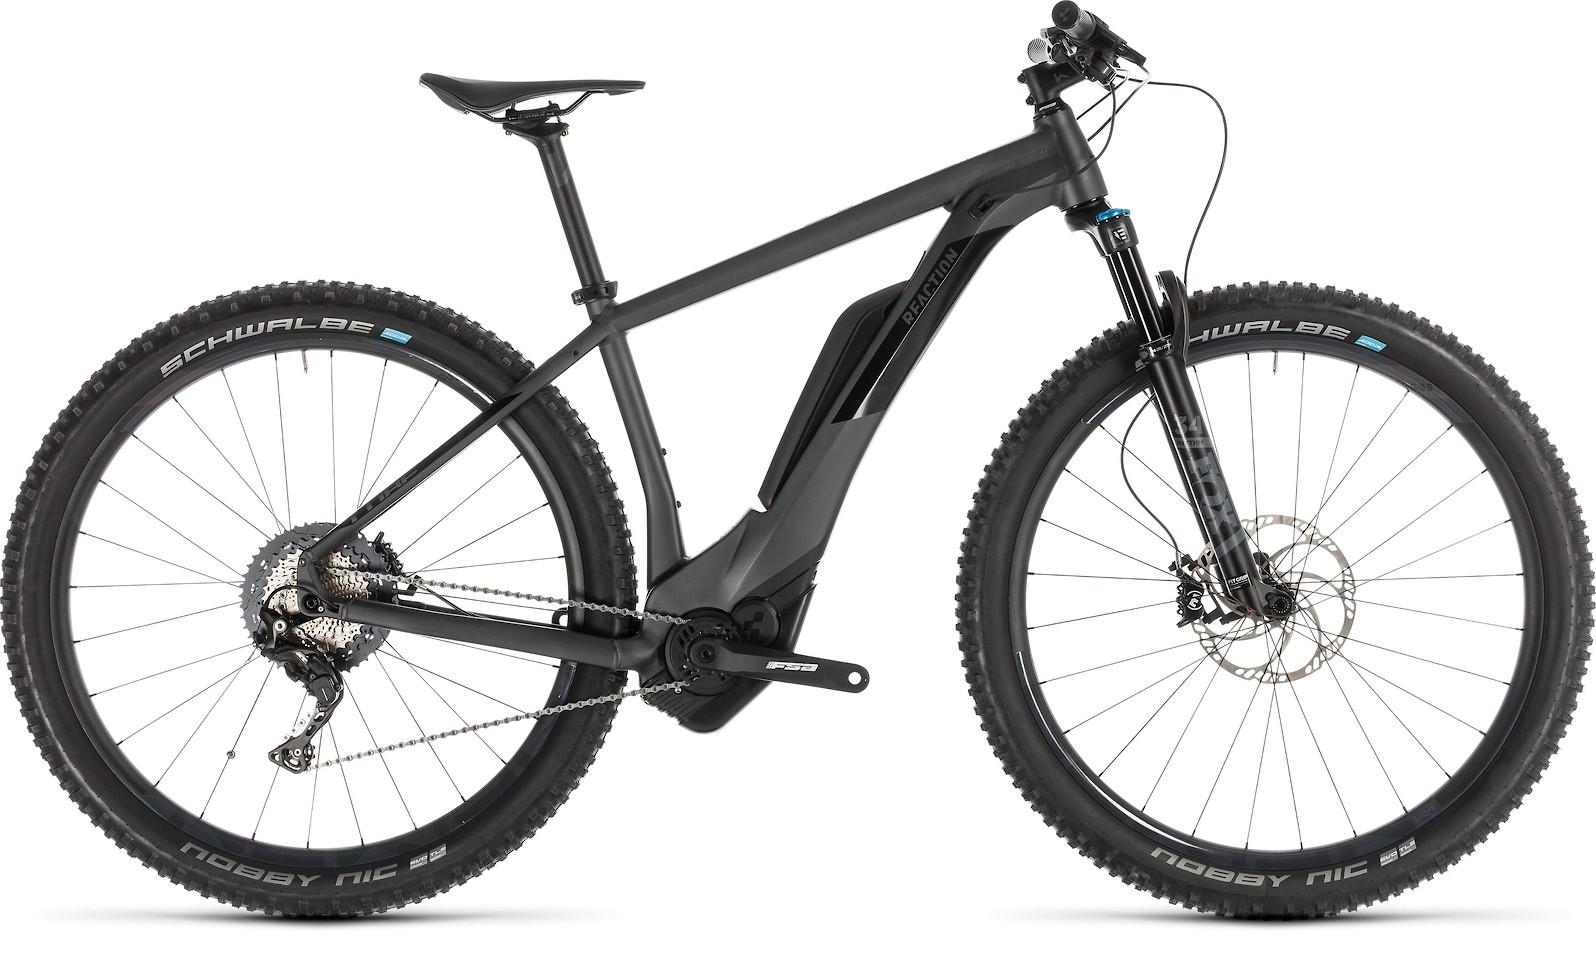 2019 Cube Reaction Hybrid HD 500 29 E-Bike in Iridium'n'black